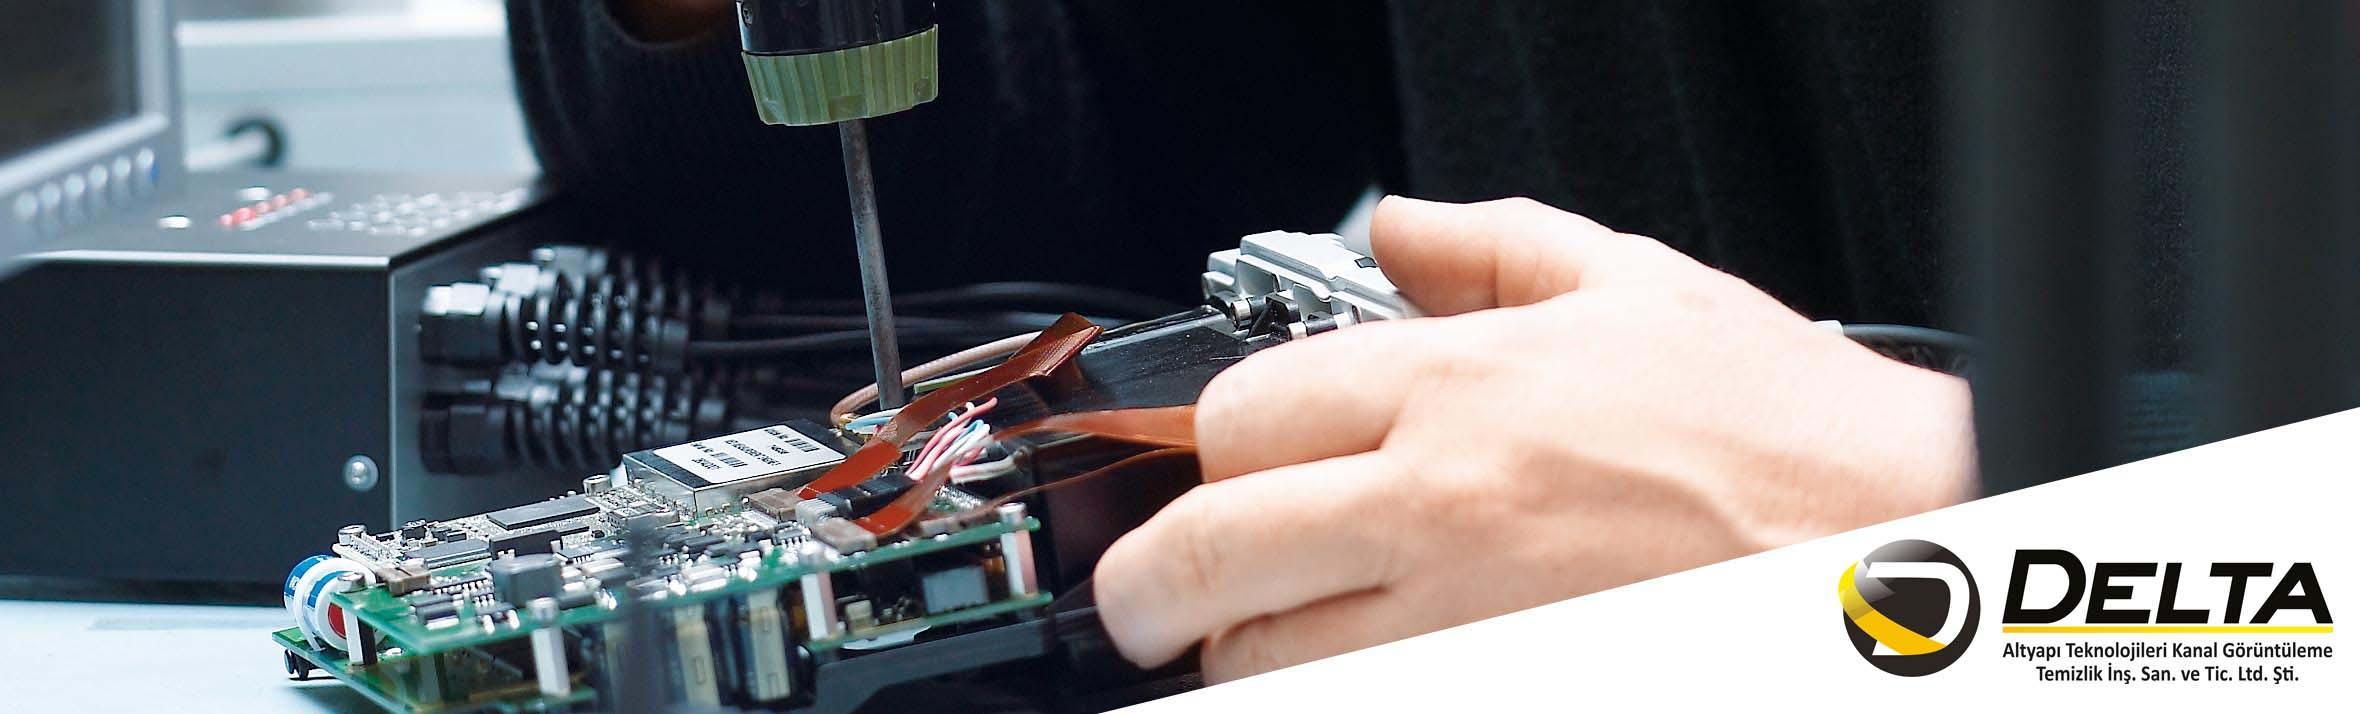 Kanal Görüntüleme Robotları Teknik Servis